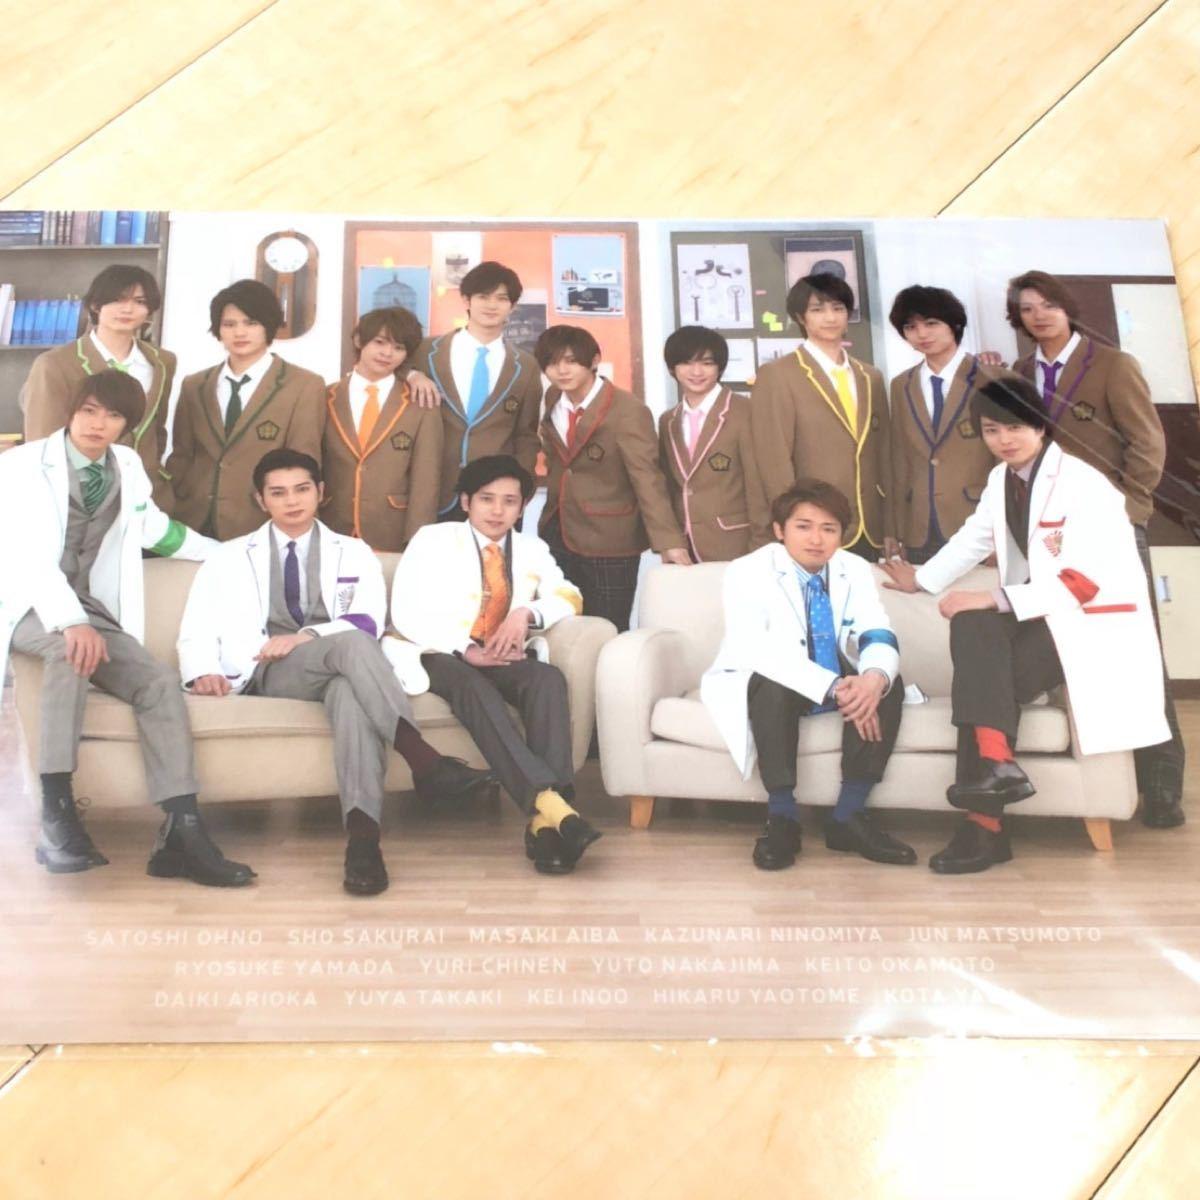 嵐のワクワク学校 クリアファイル Hey!Say!JUMP